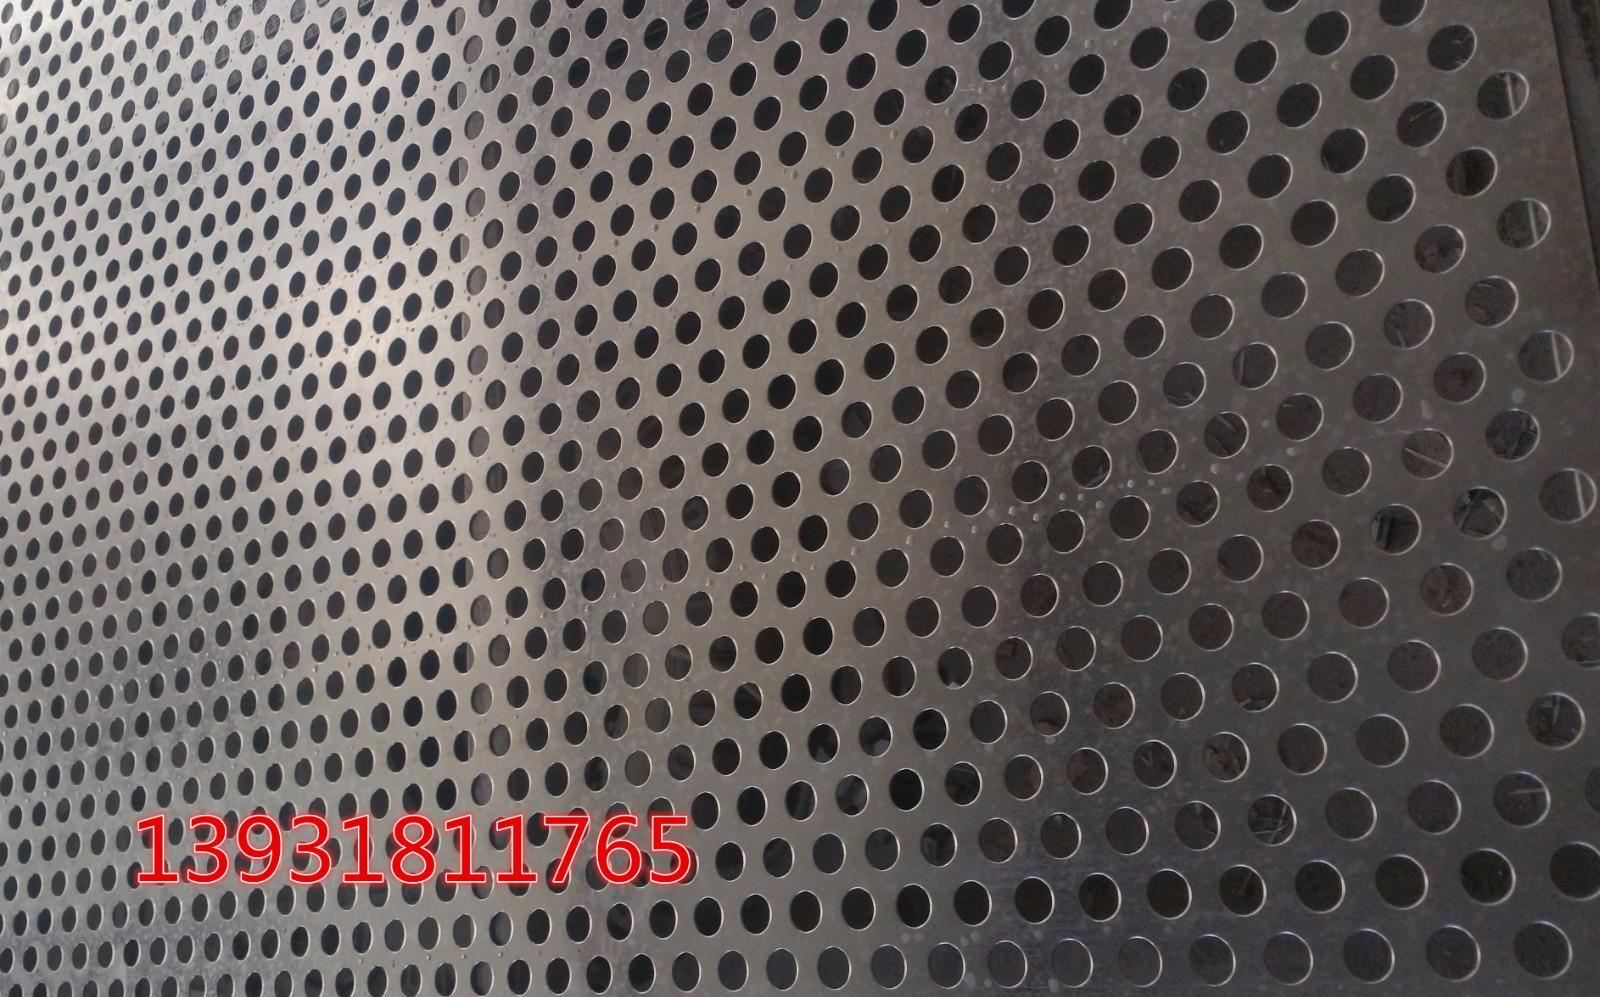 冲孔网板价格,2021年厂家批发价格表